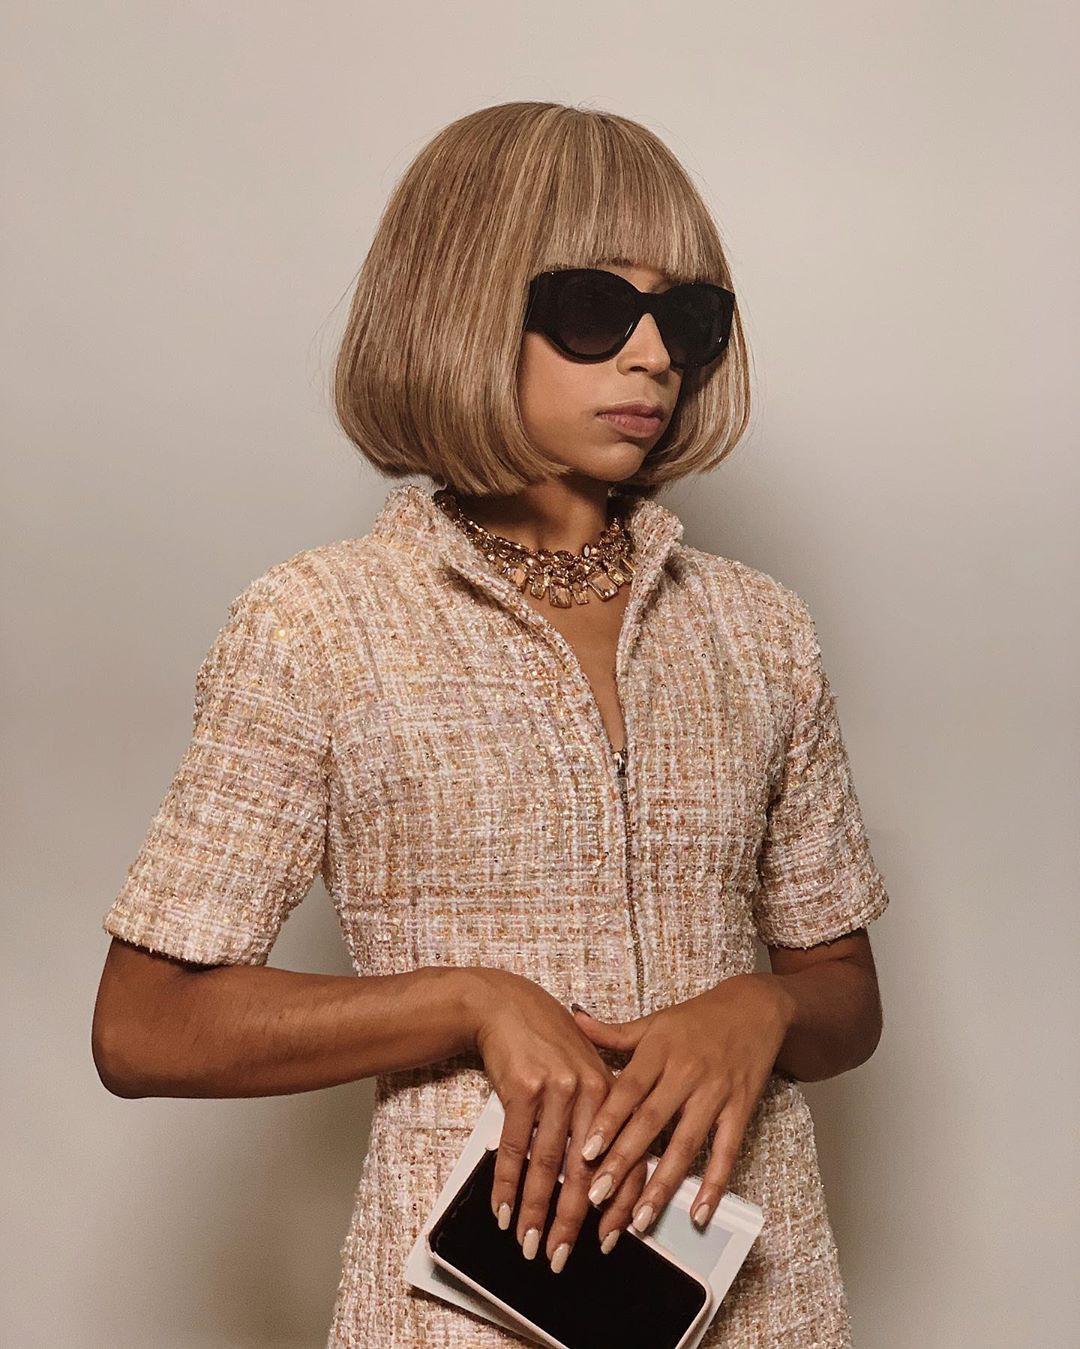 Liza Koshy beautiful blond hairs, Hair Style, sunglasses, eyewear